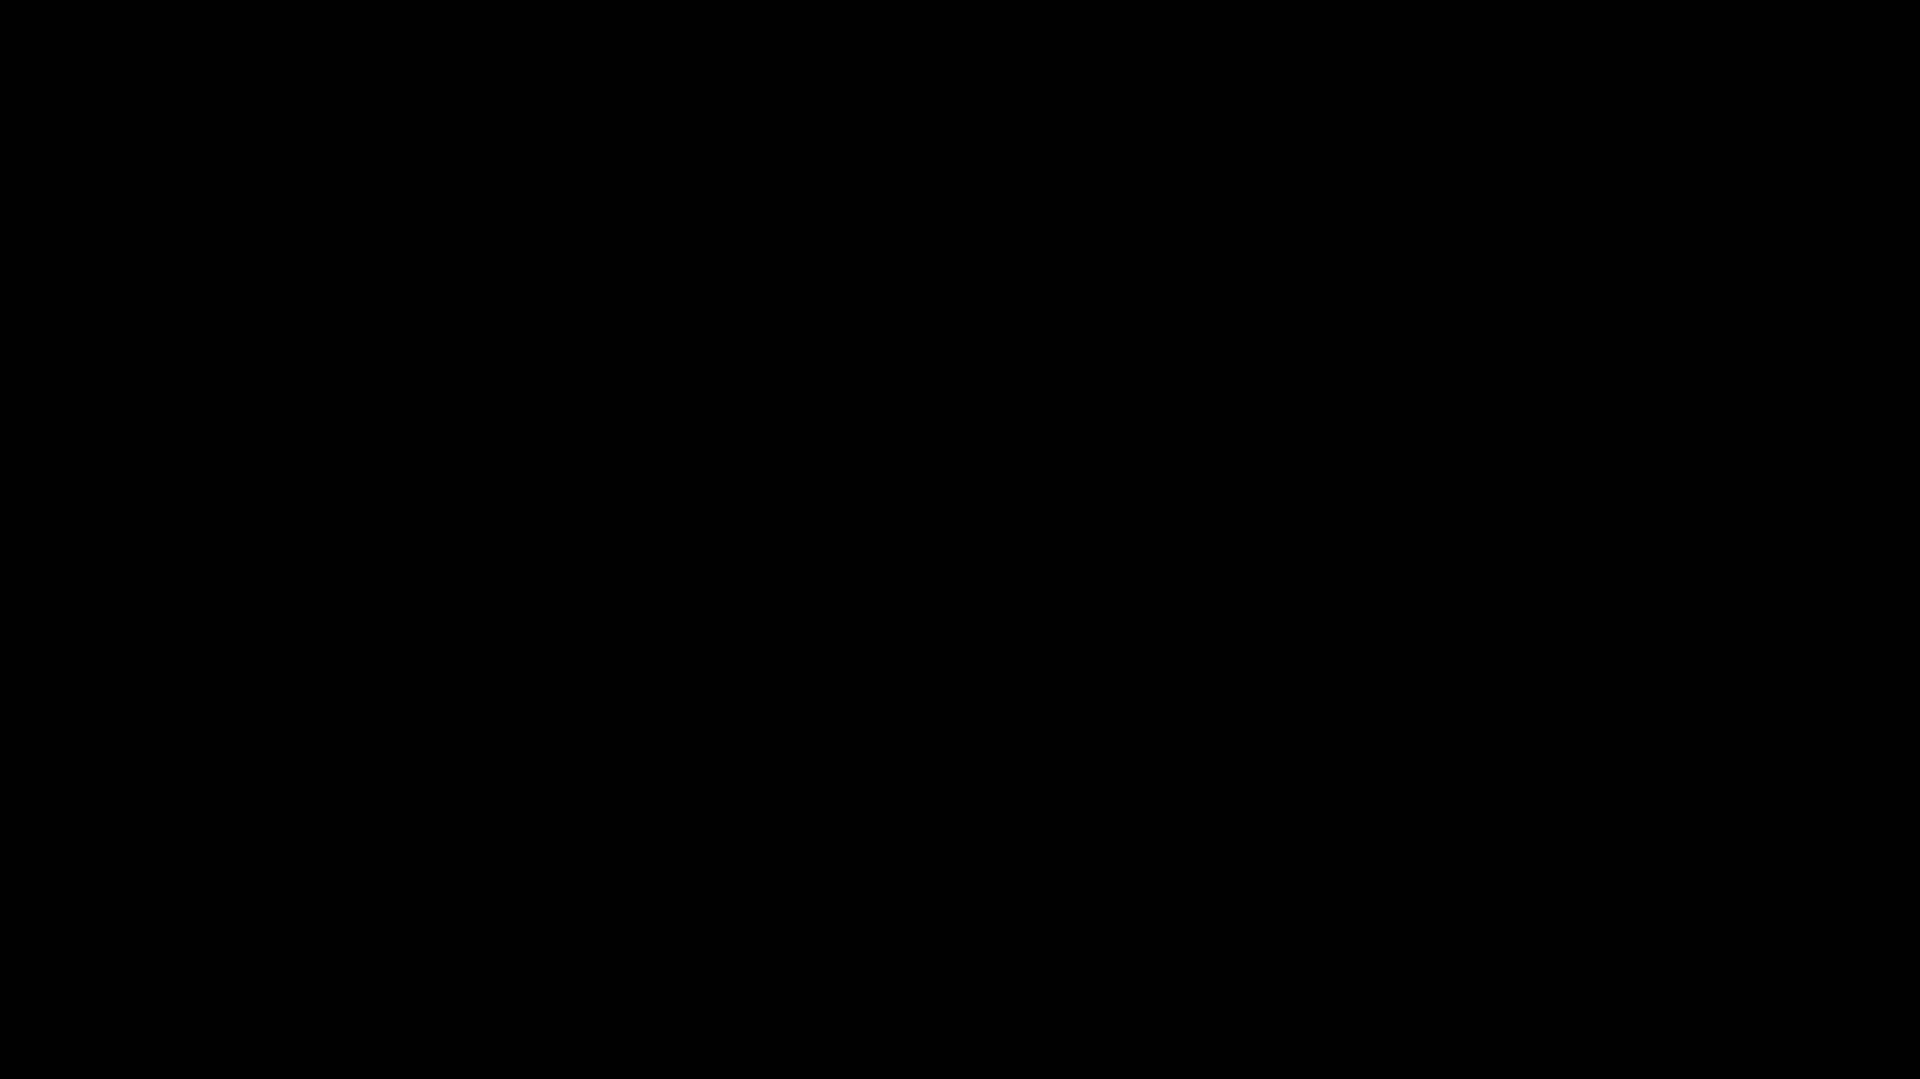 flag-1919466_1920